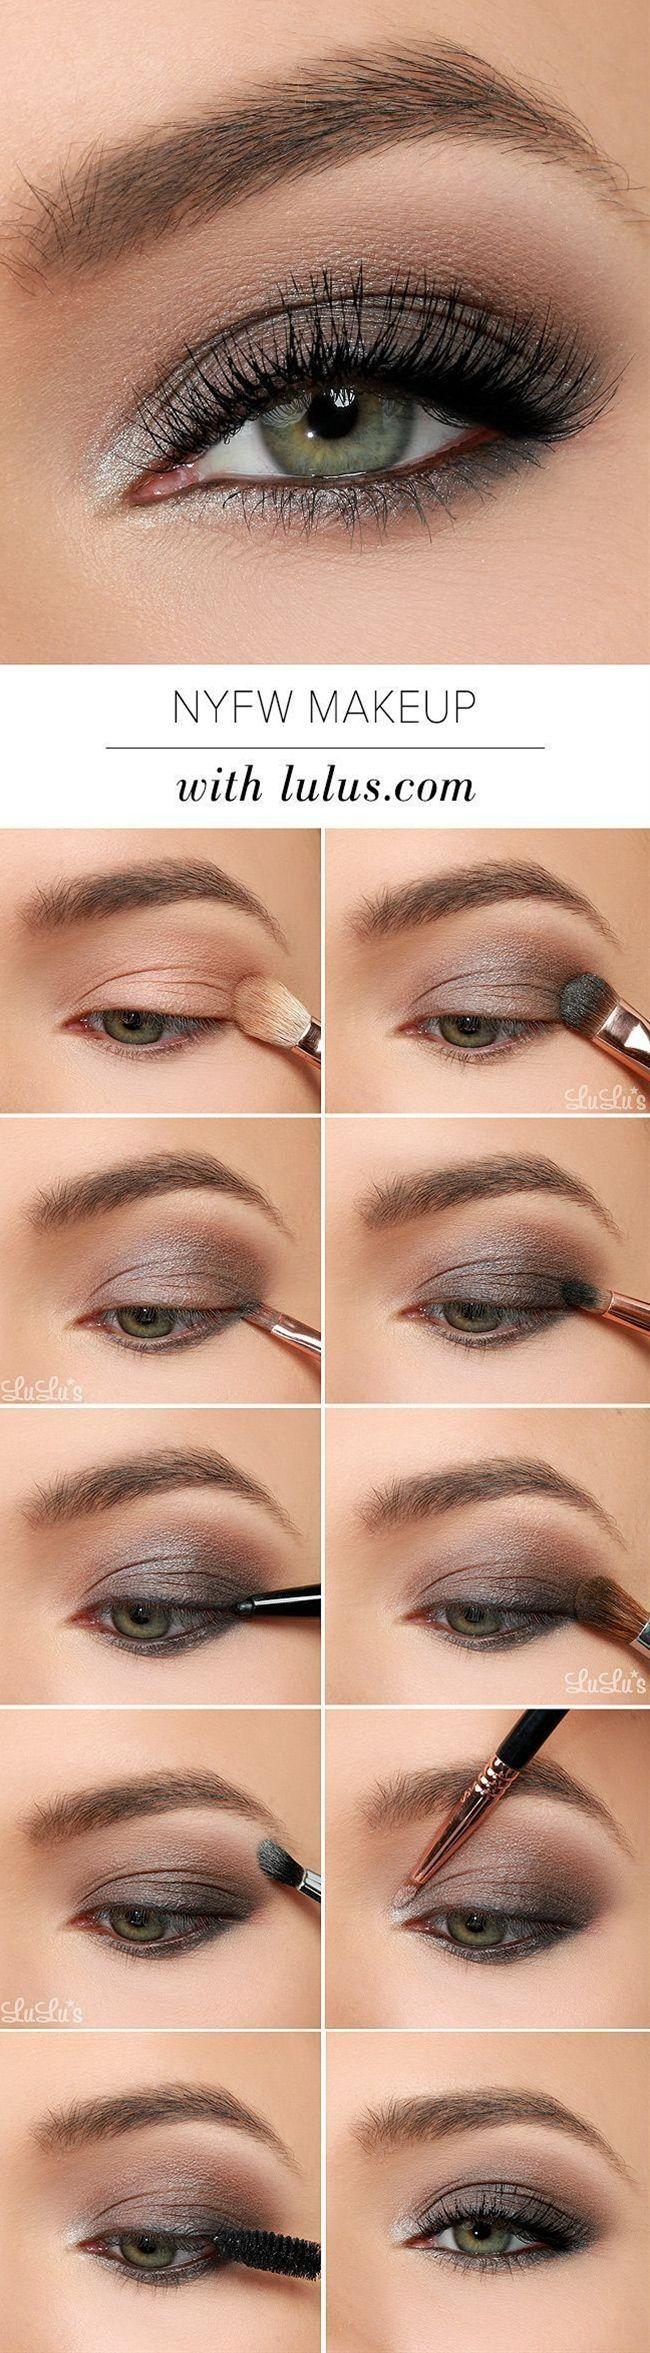 Maquillage des yeux en 10 étapes